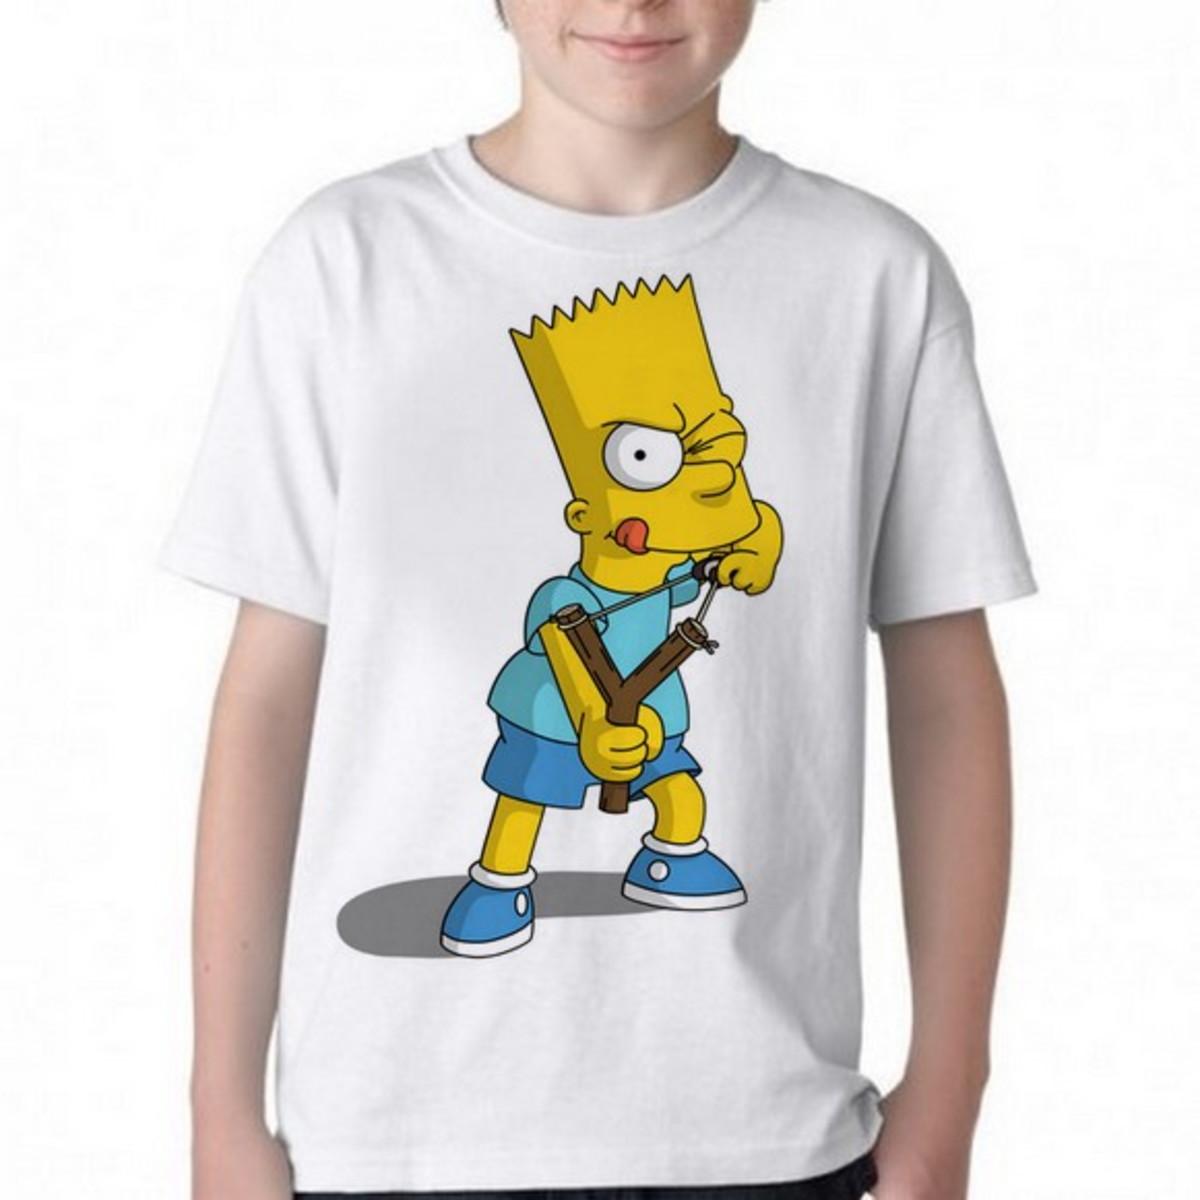 ac868a888 Camiseta Infantil Blusa Criança Simpsons Bart Estilingue no Elo7 ...